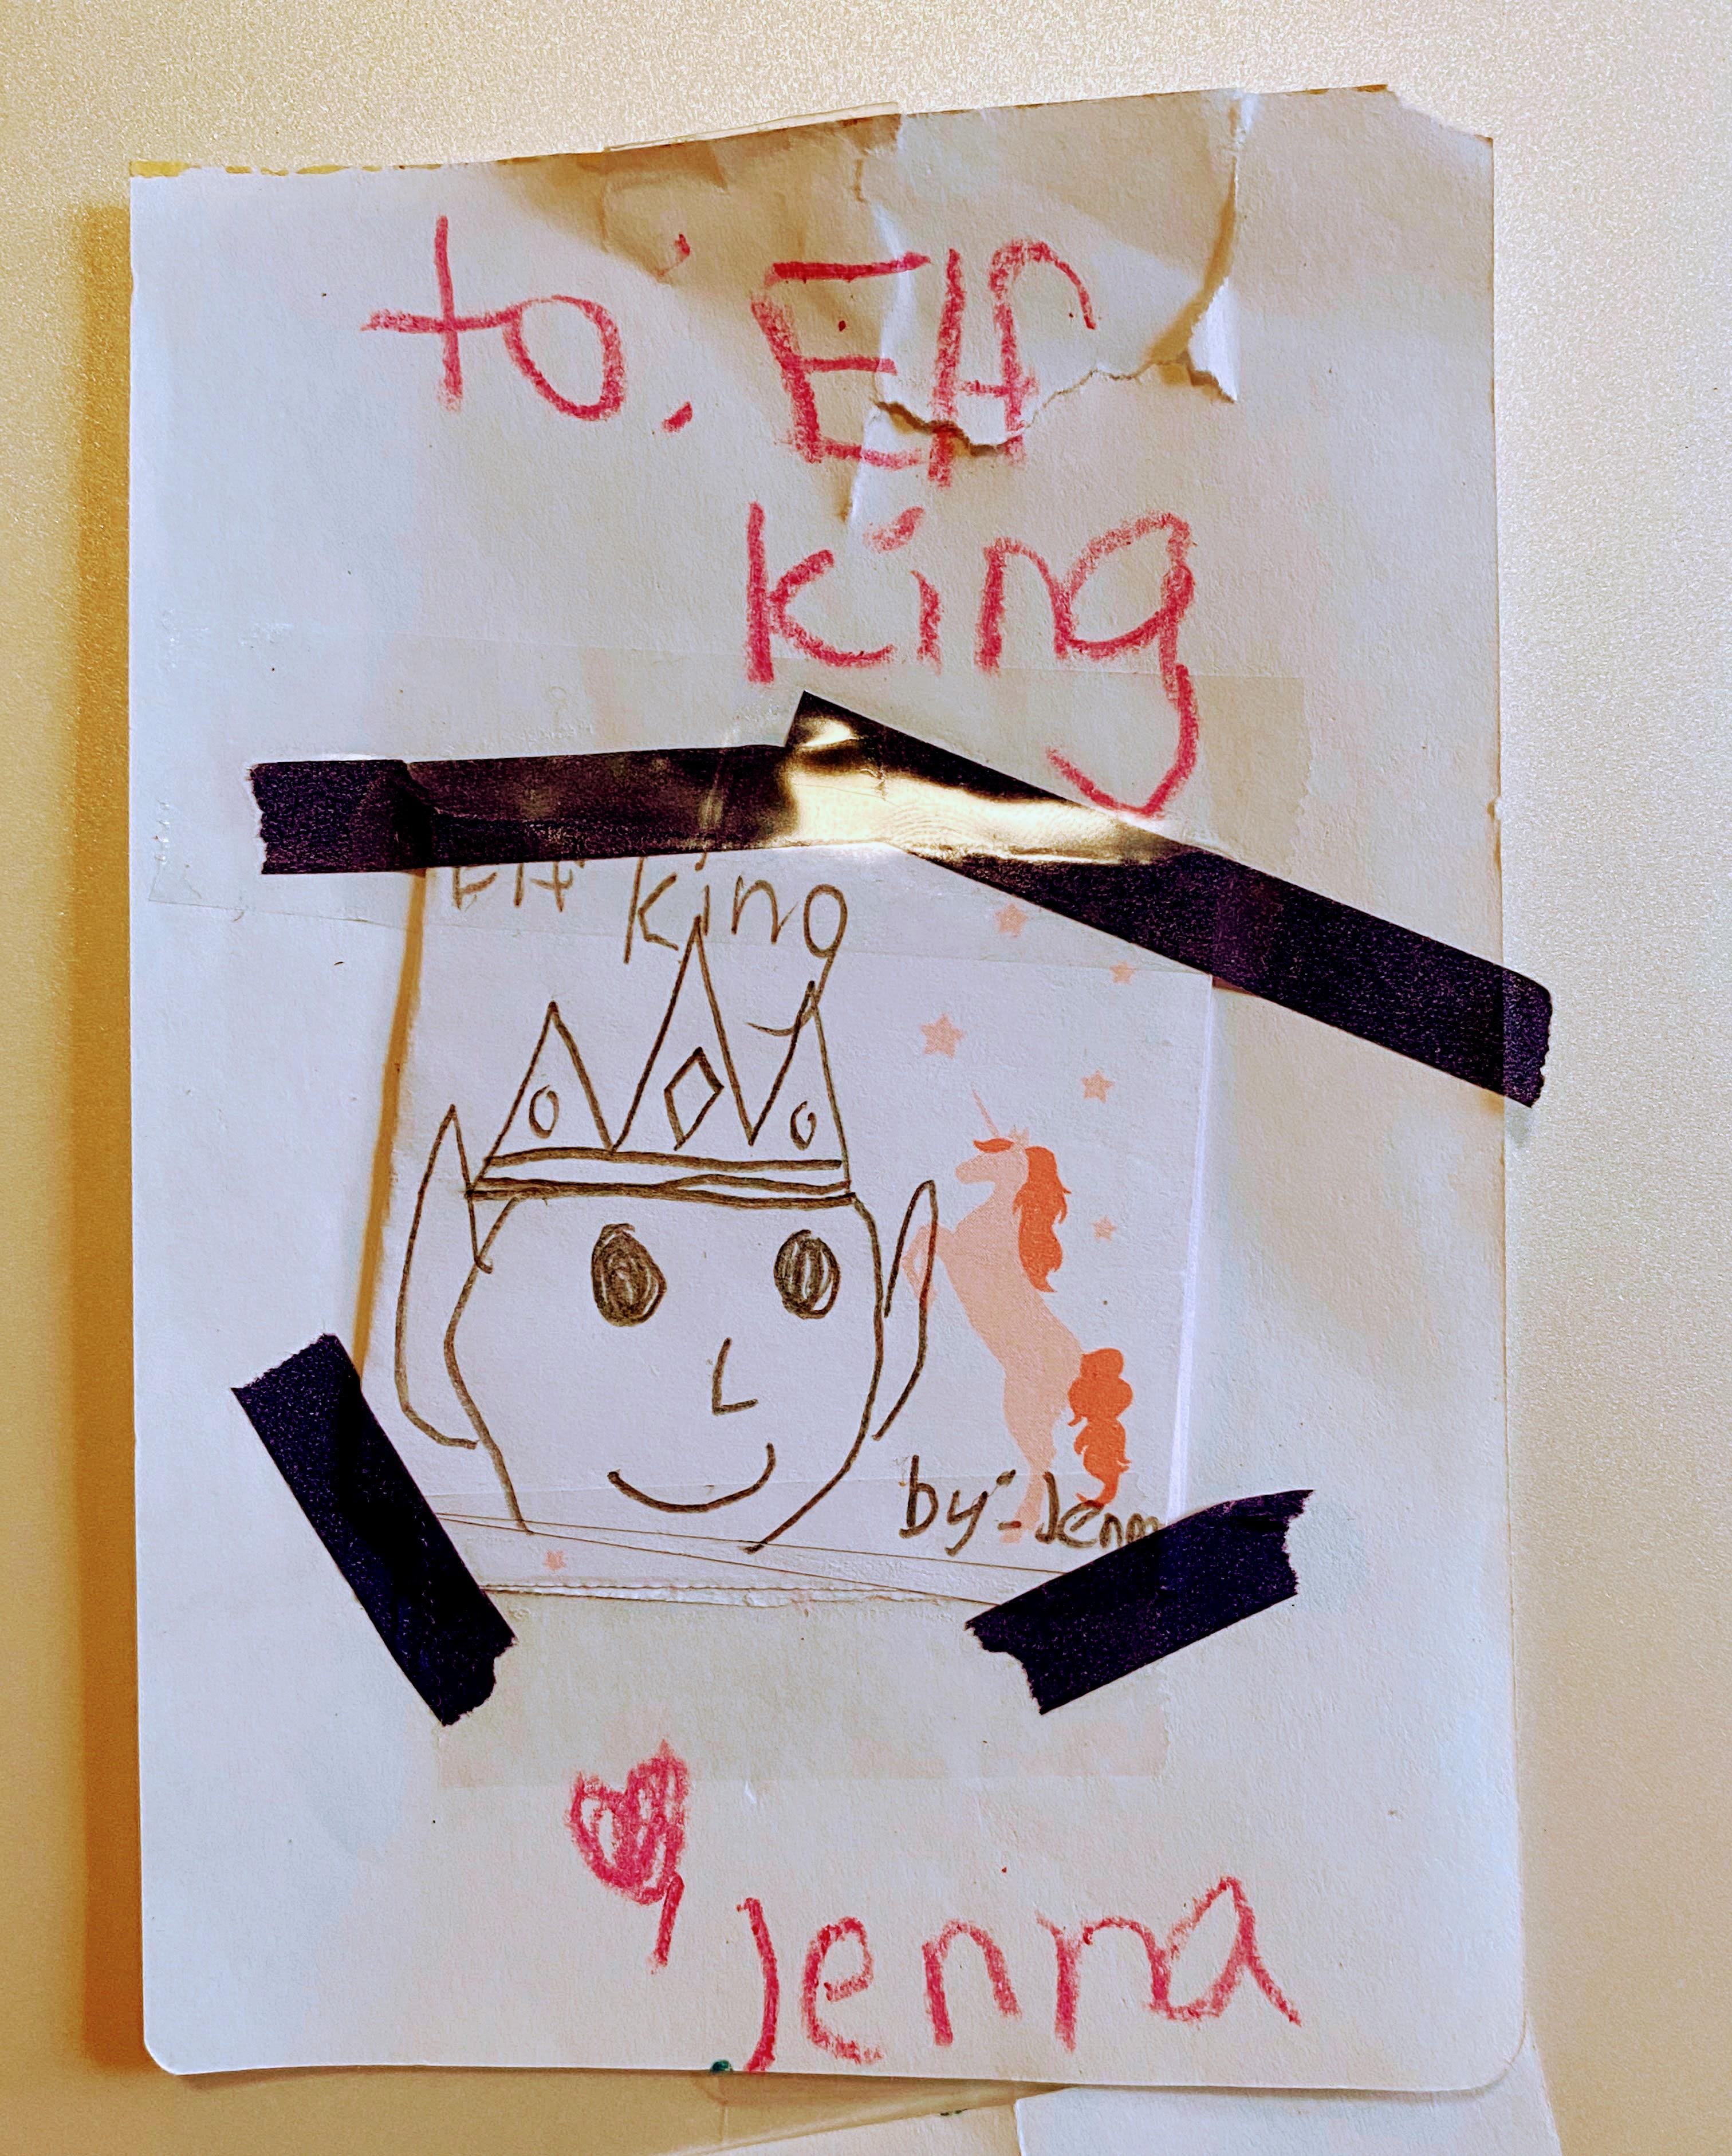 King Eyal